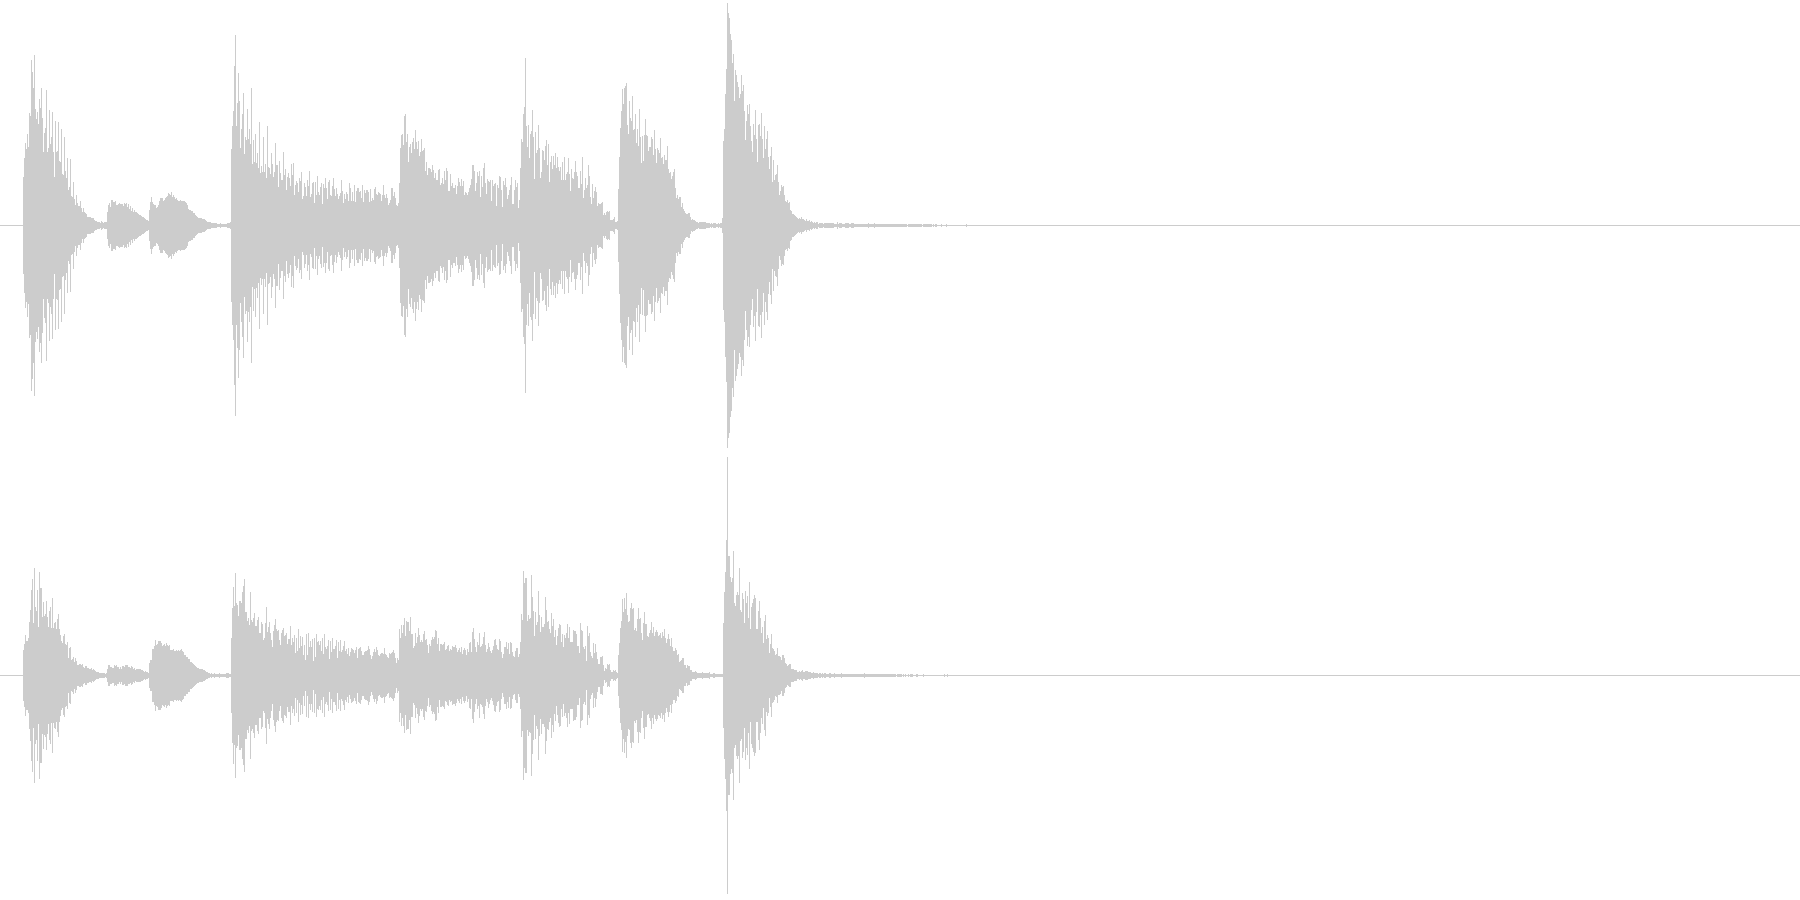 るんるん気分なピアノソロのサウンドロゴの未再生の波形